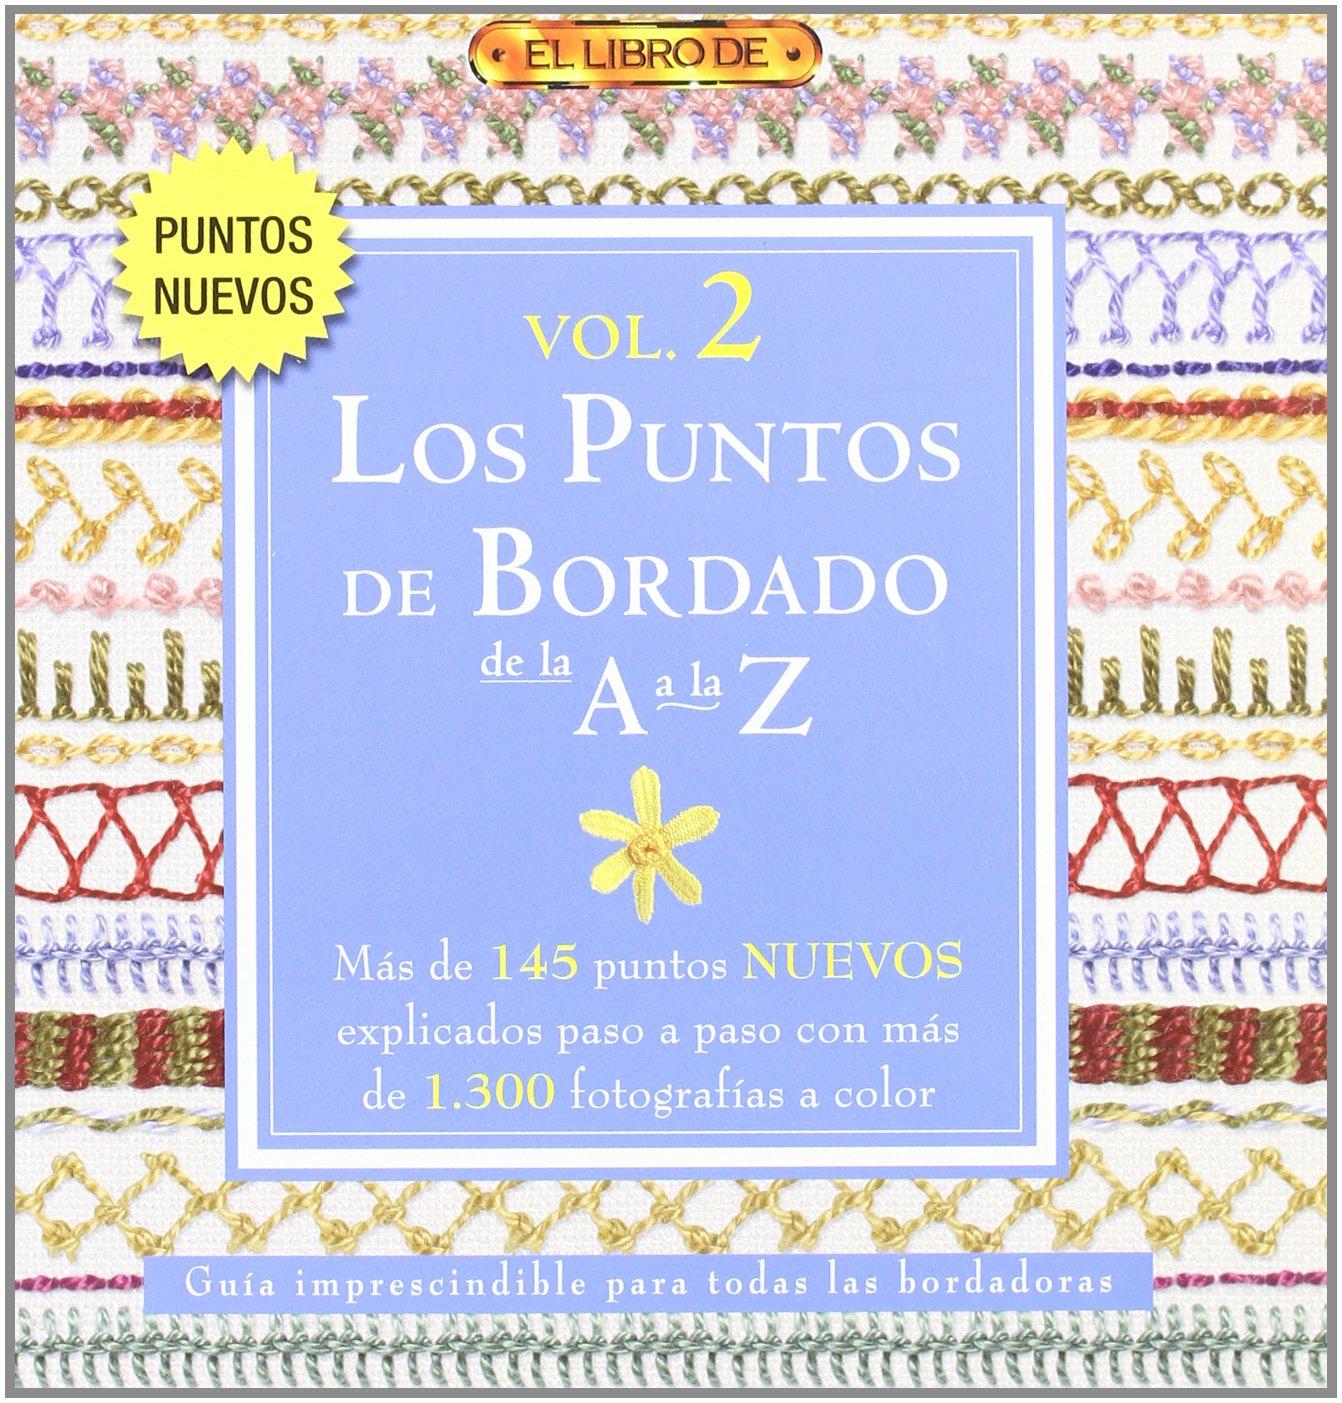 LOS PUNTOS DE BORDADO DE LA A A LA Z VOL. 2 El Libro De..: Amazon.es: